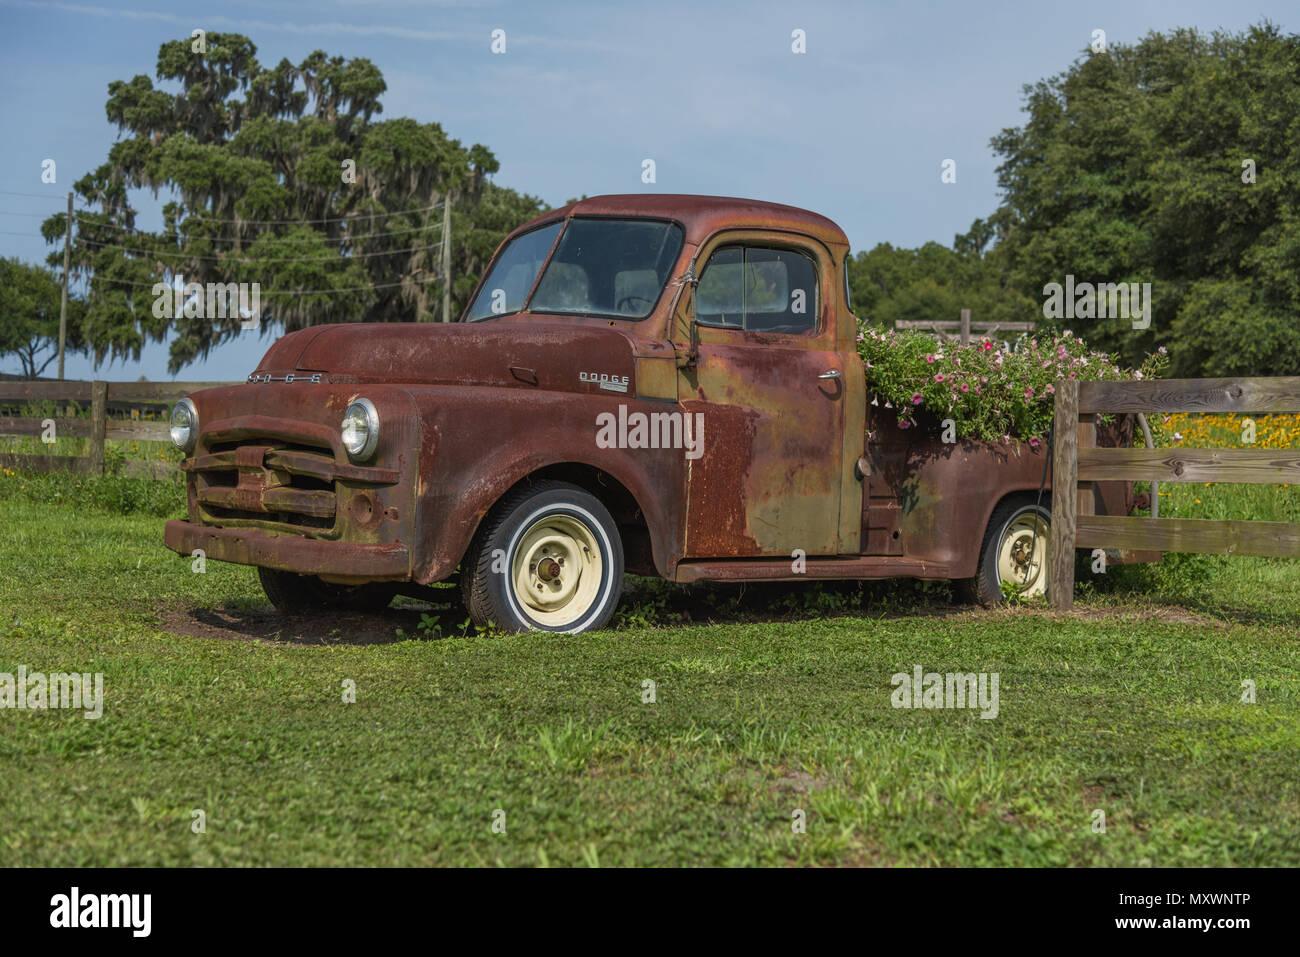 Old Dodge Trucks >> Old Dodge Pickup Truck Stock Photos Old Dodge Pickup Truck